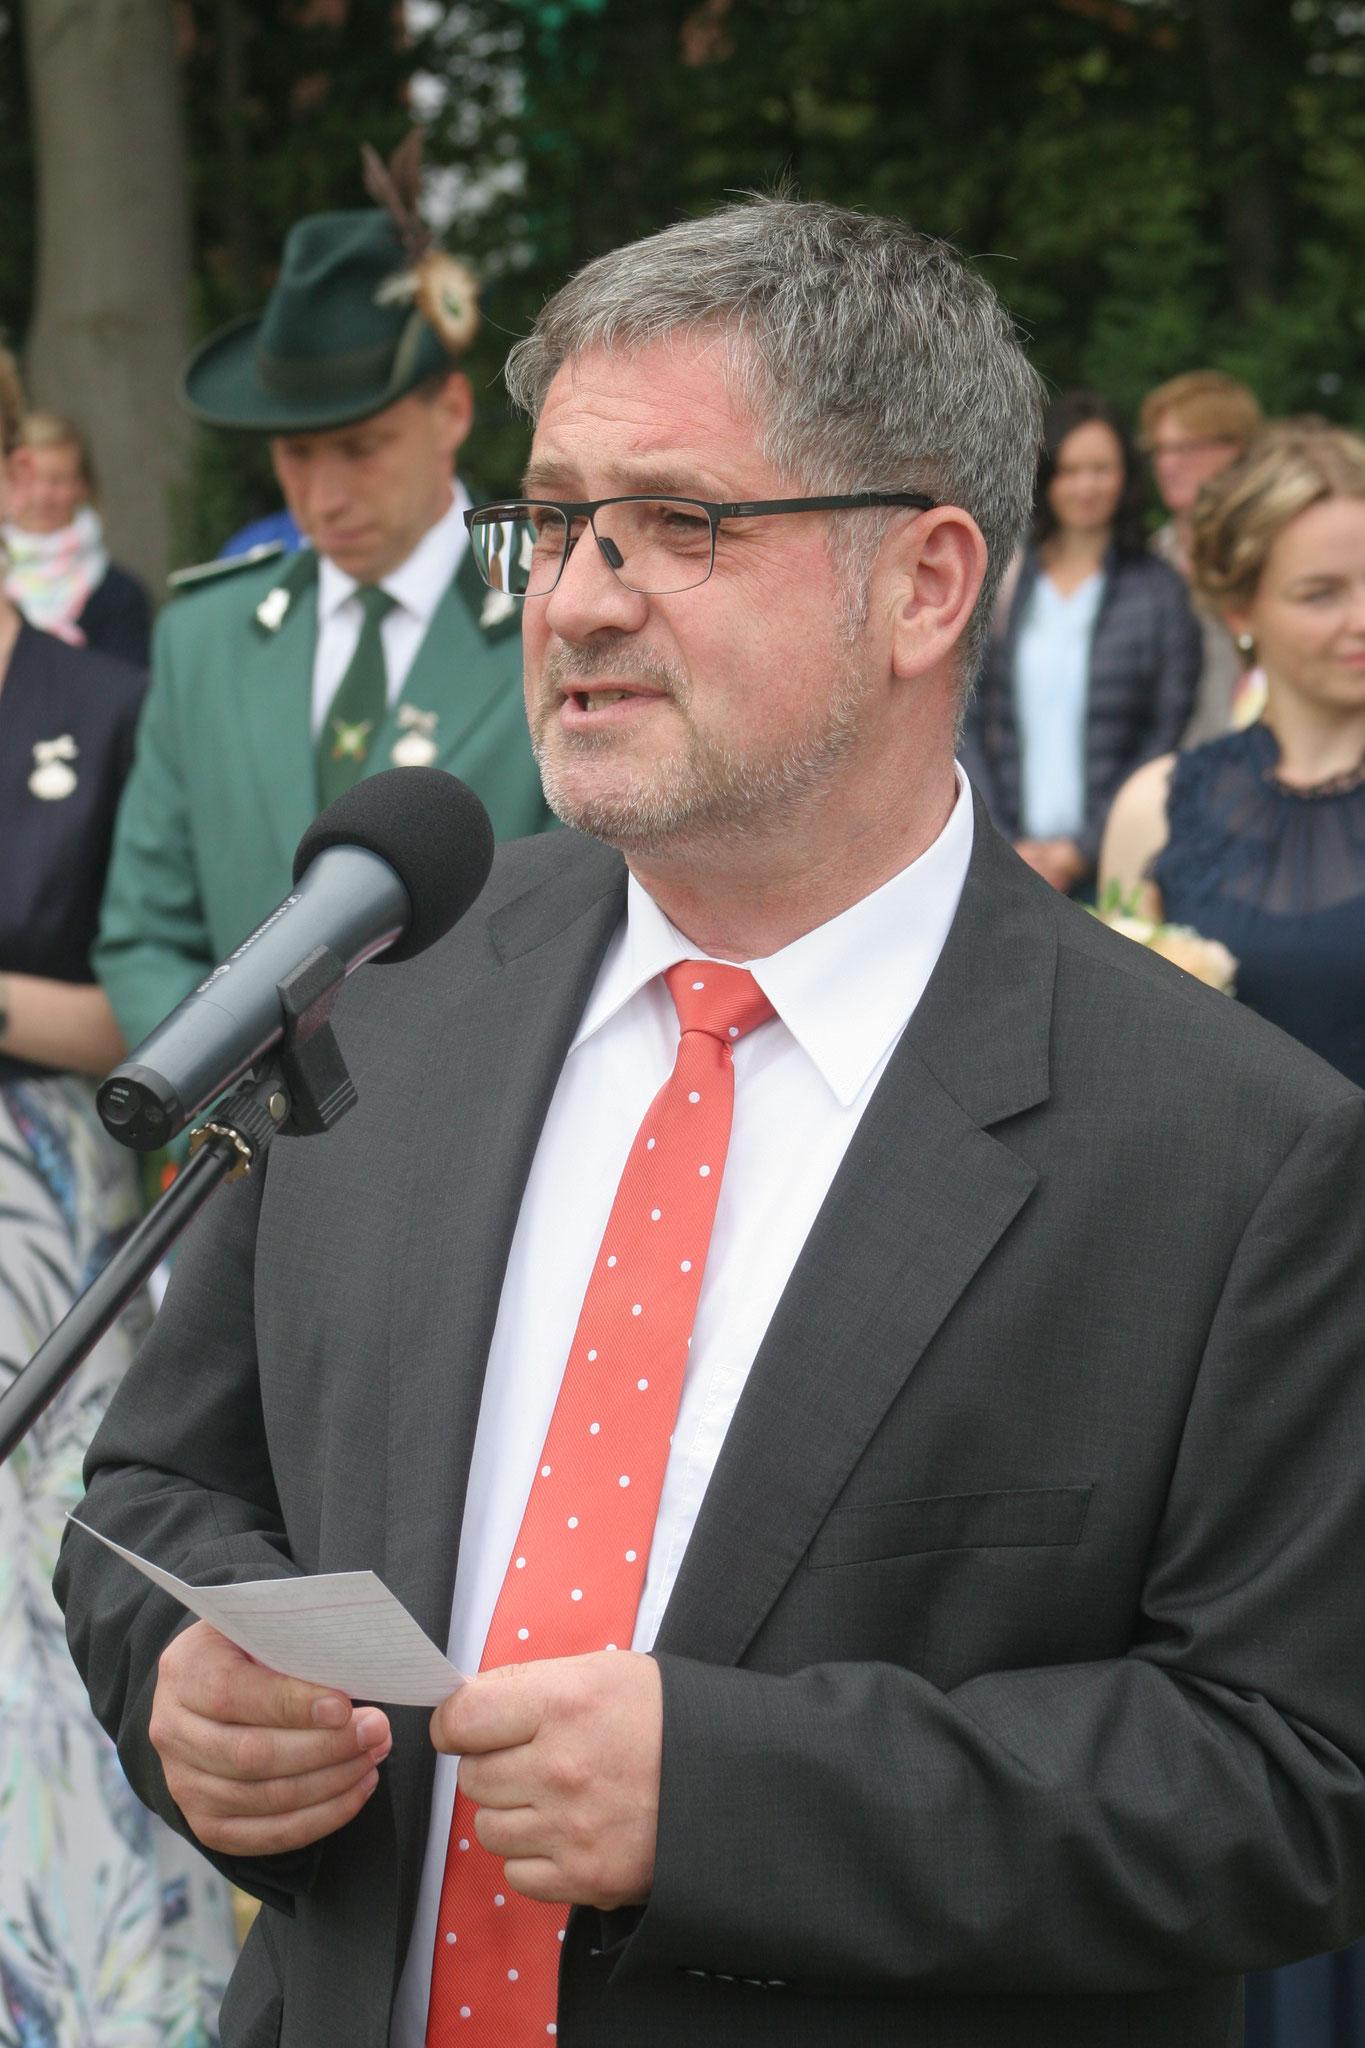 Ansprache des Bürgermeisters